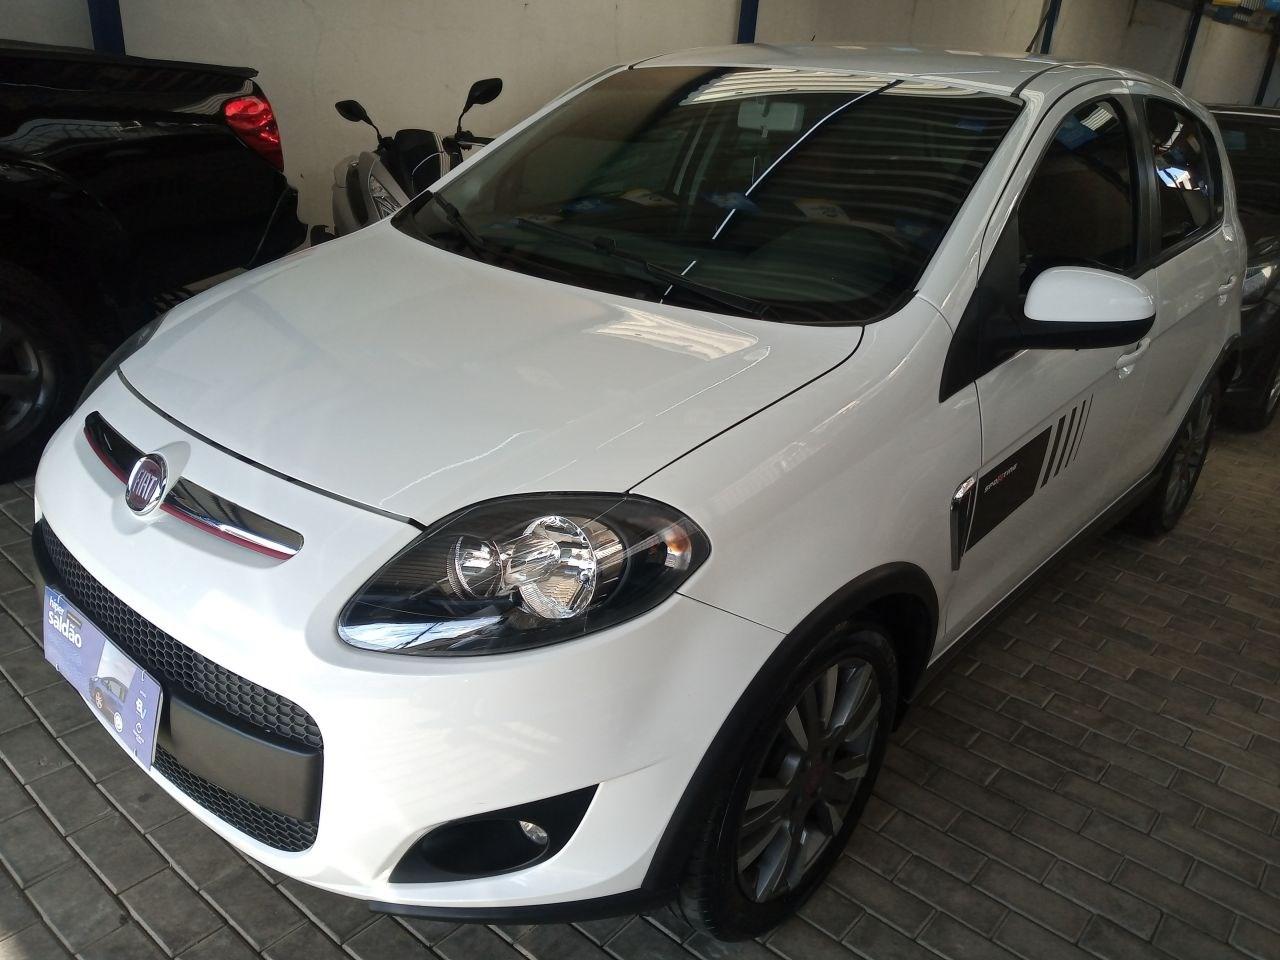 //www.autoline.com.br/carro/fiat/palio-16-sporting-16v-flex-4p-manual/2013/salto-sp/14748528